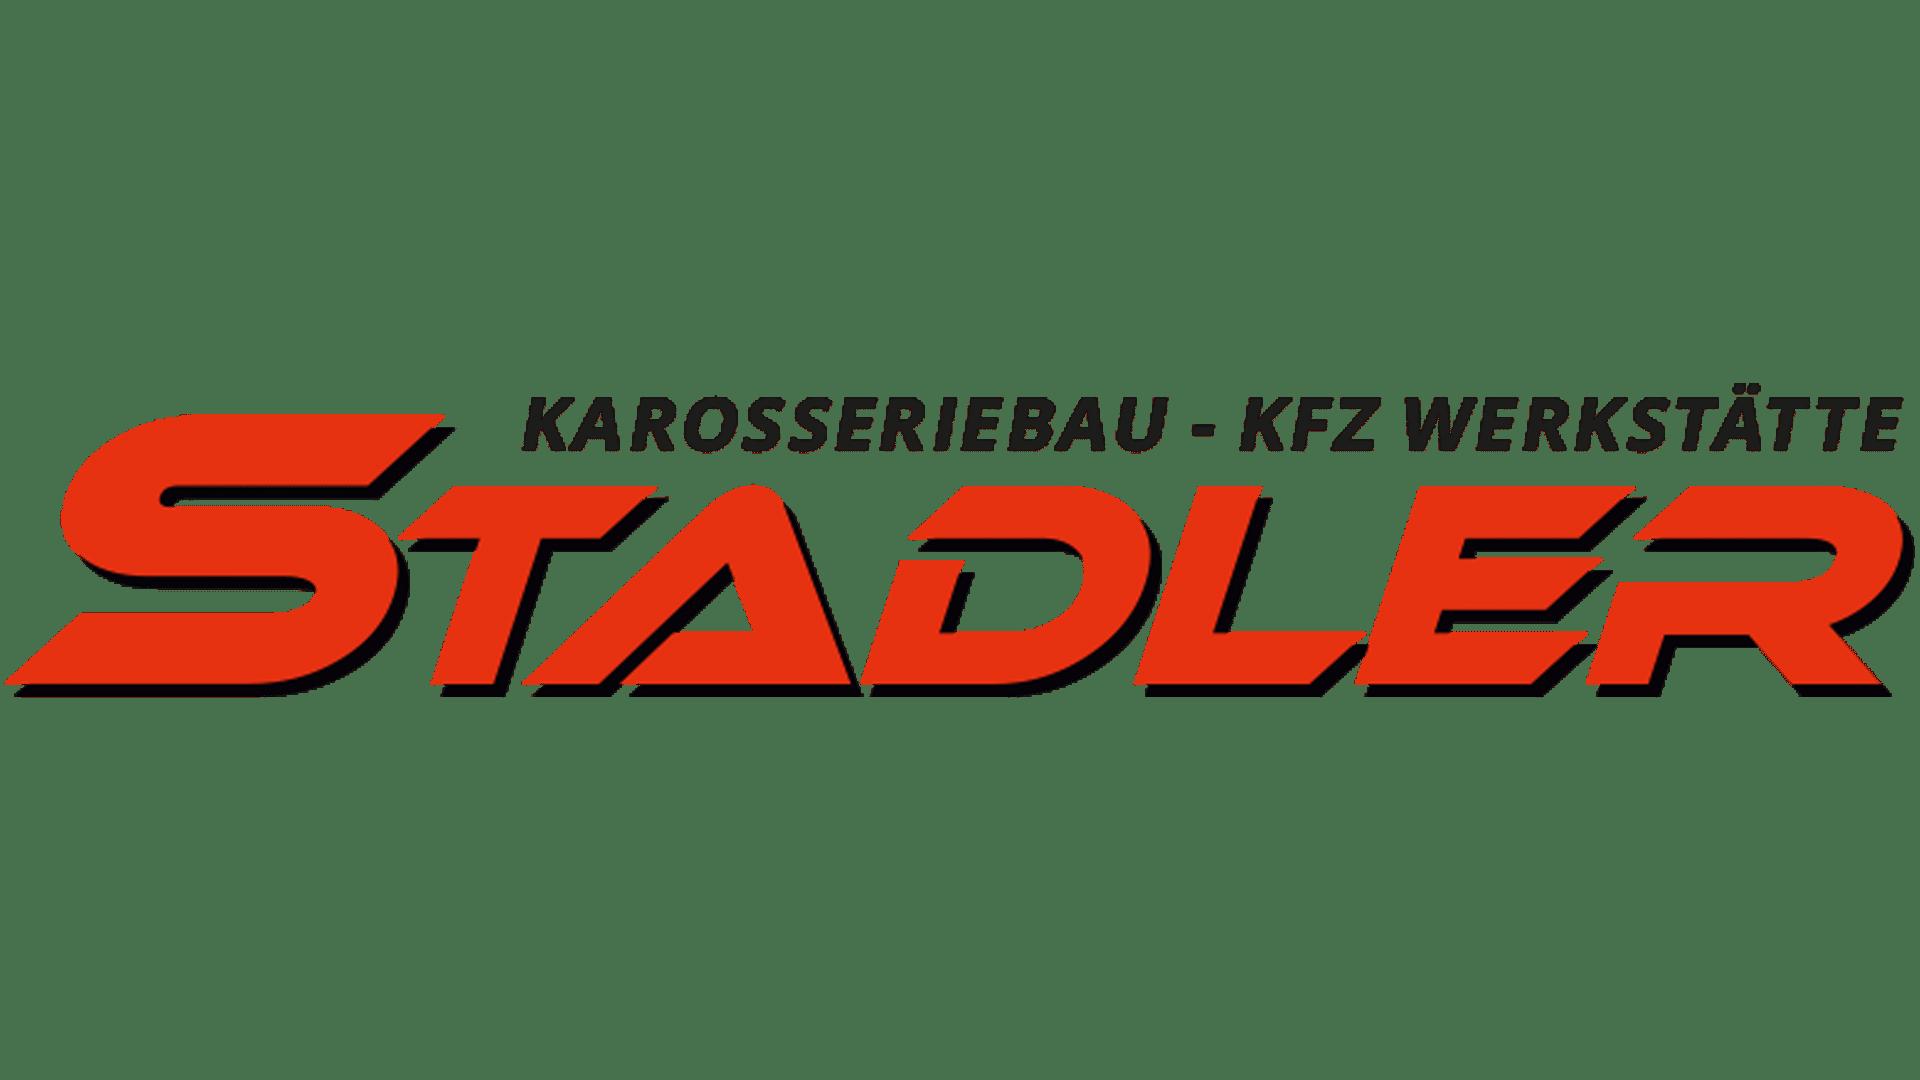 KFZ-Stadler